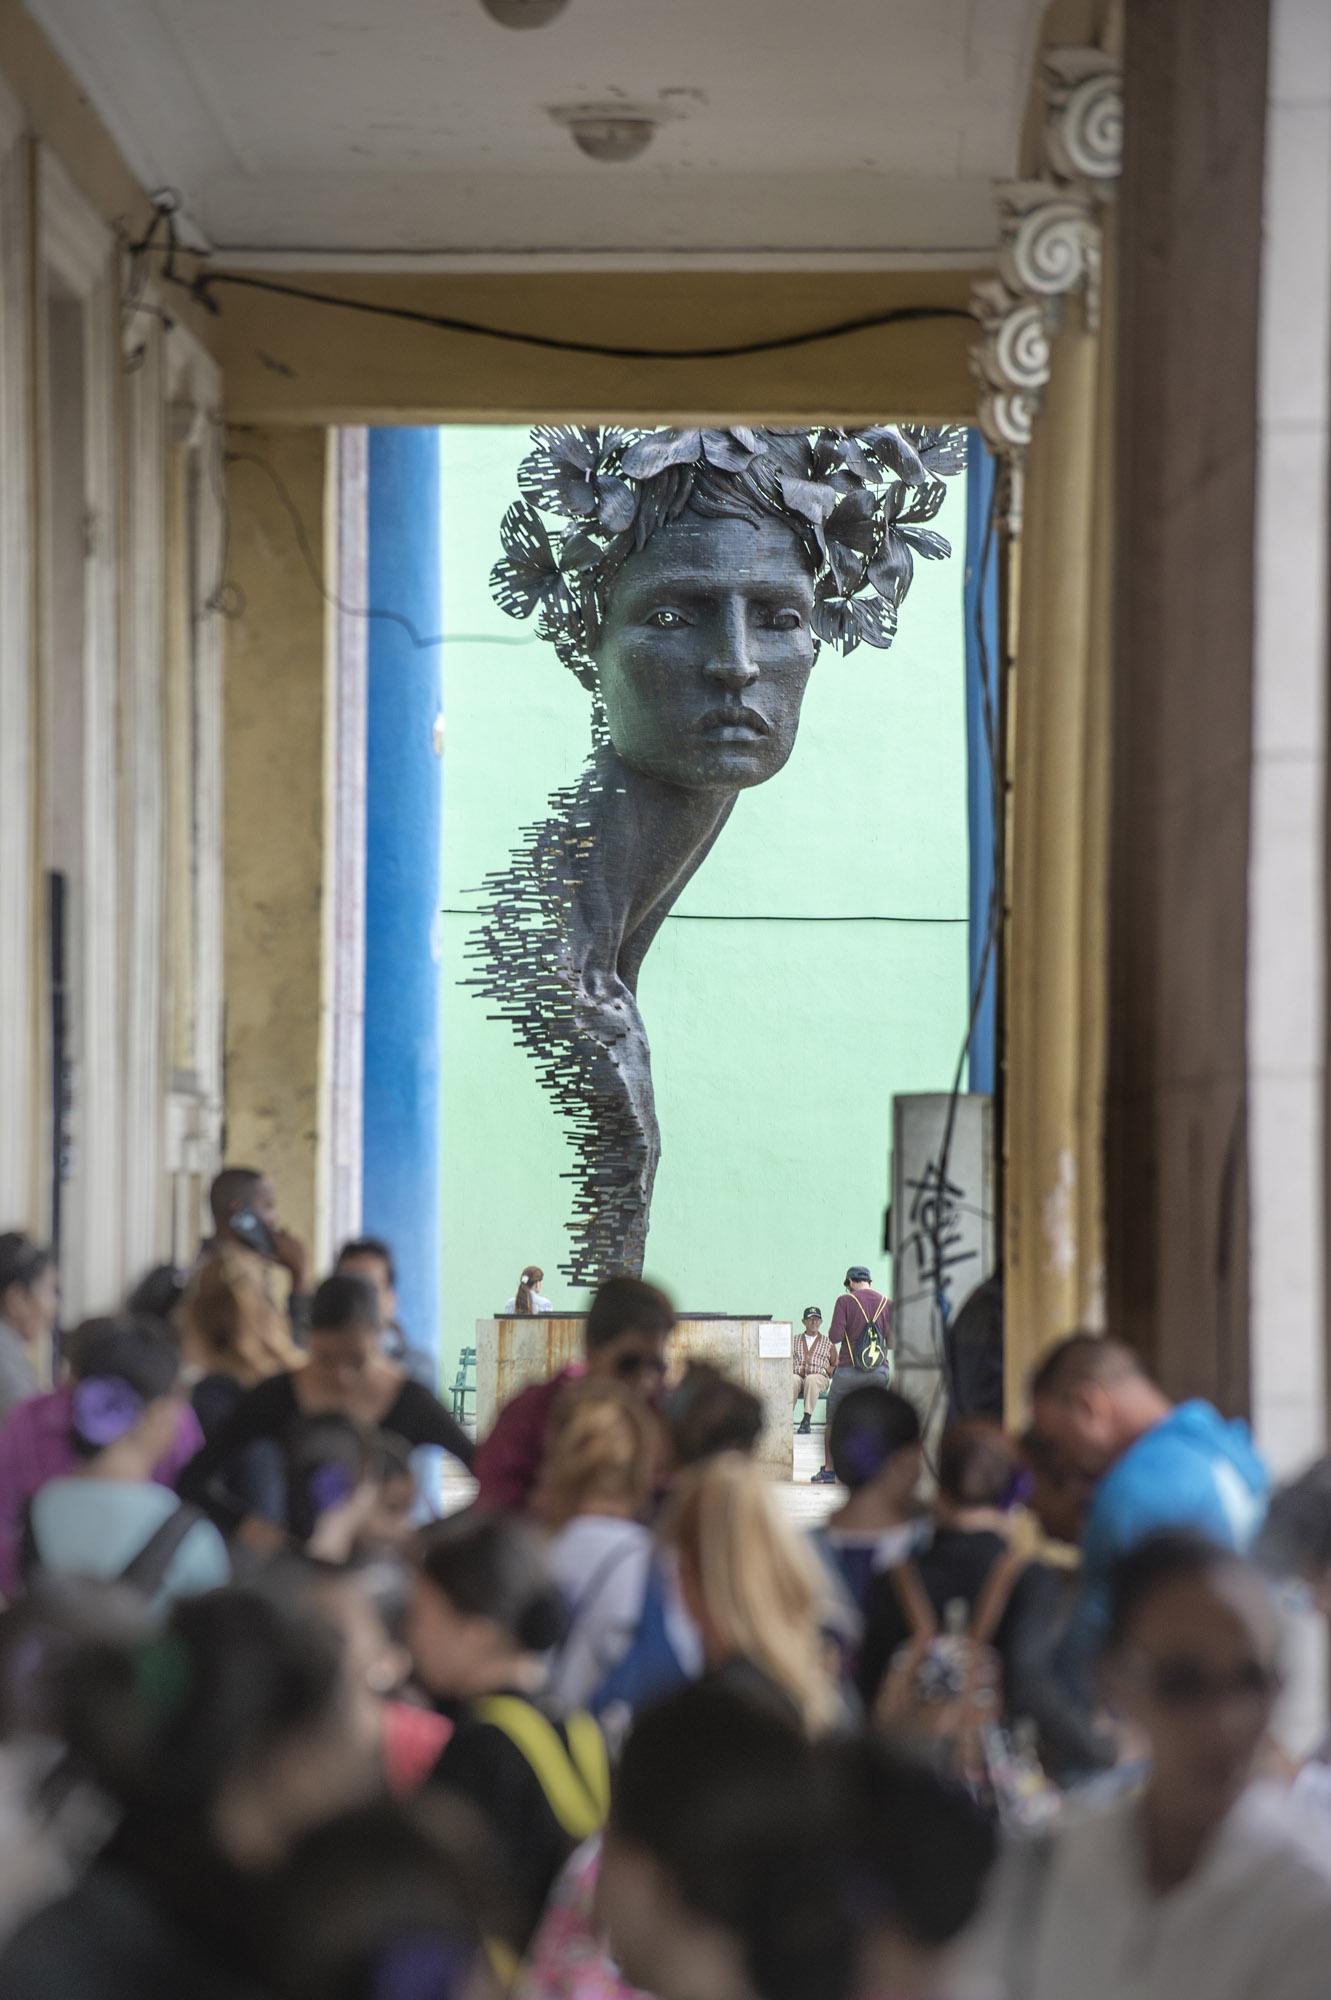 Primavera al fondo - Cuba - Hector Garrido, Aerial and human photography